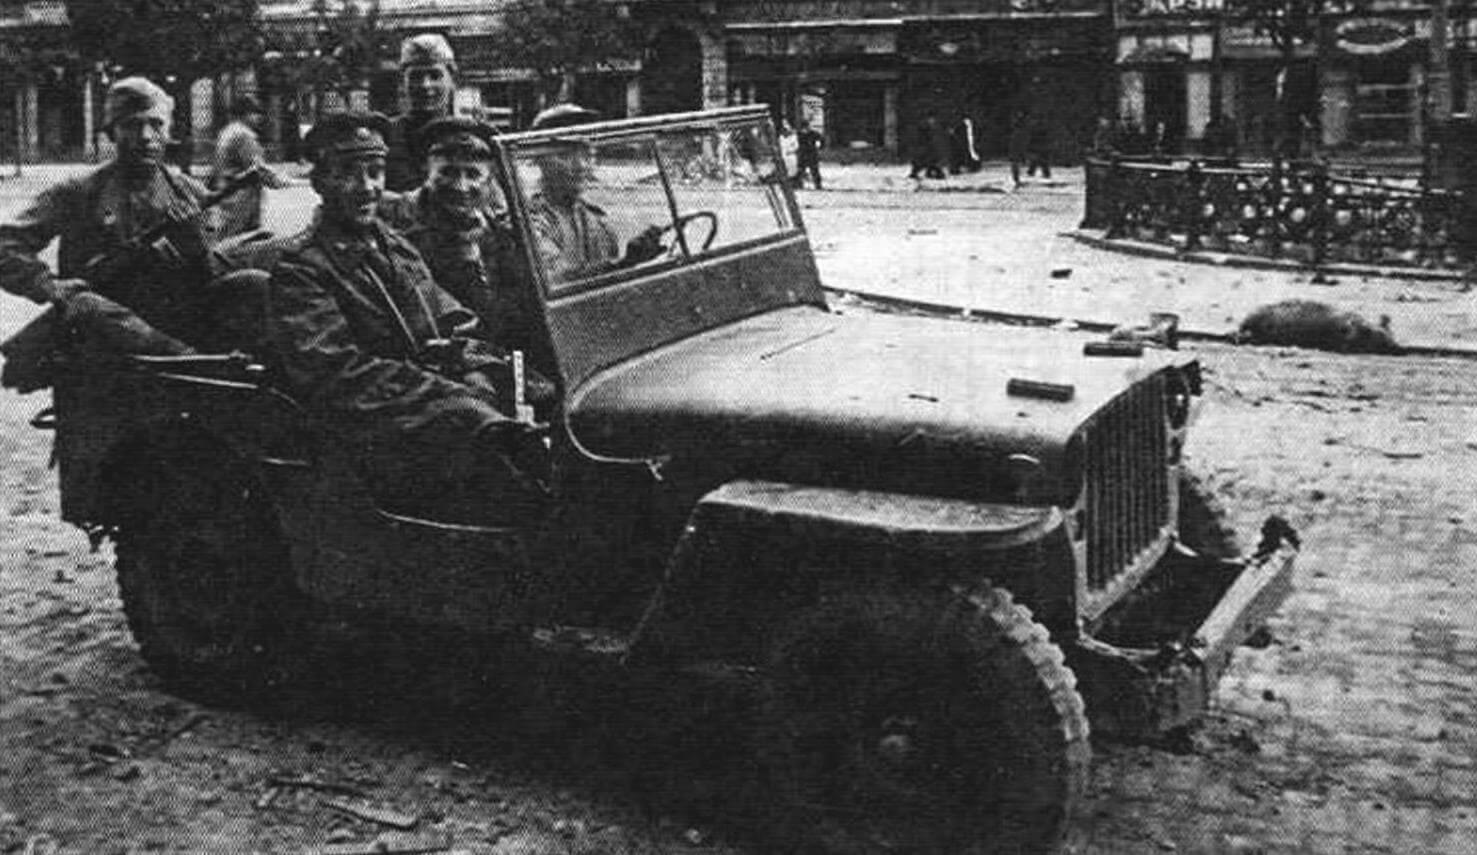 Командующий 17-й воздушной армией генерал-полковник В.А. Судец на Willys МВ (октябрь 1944 года)